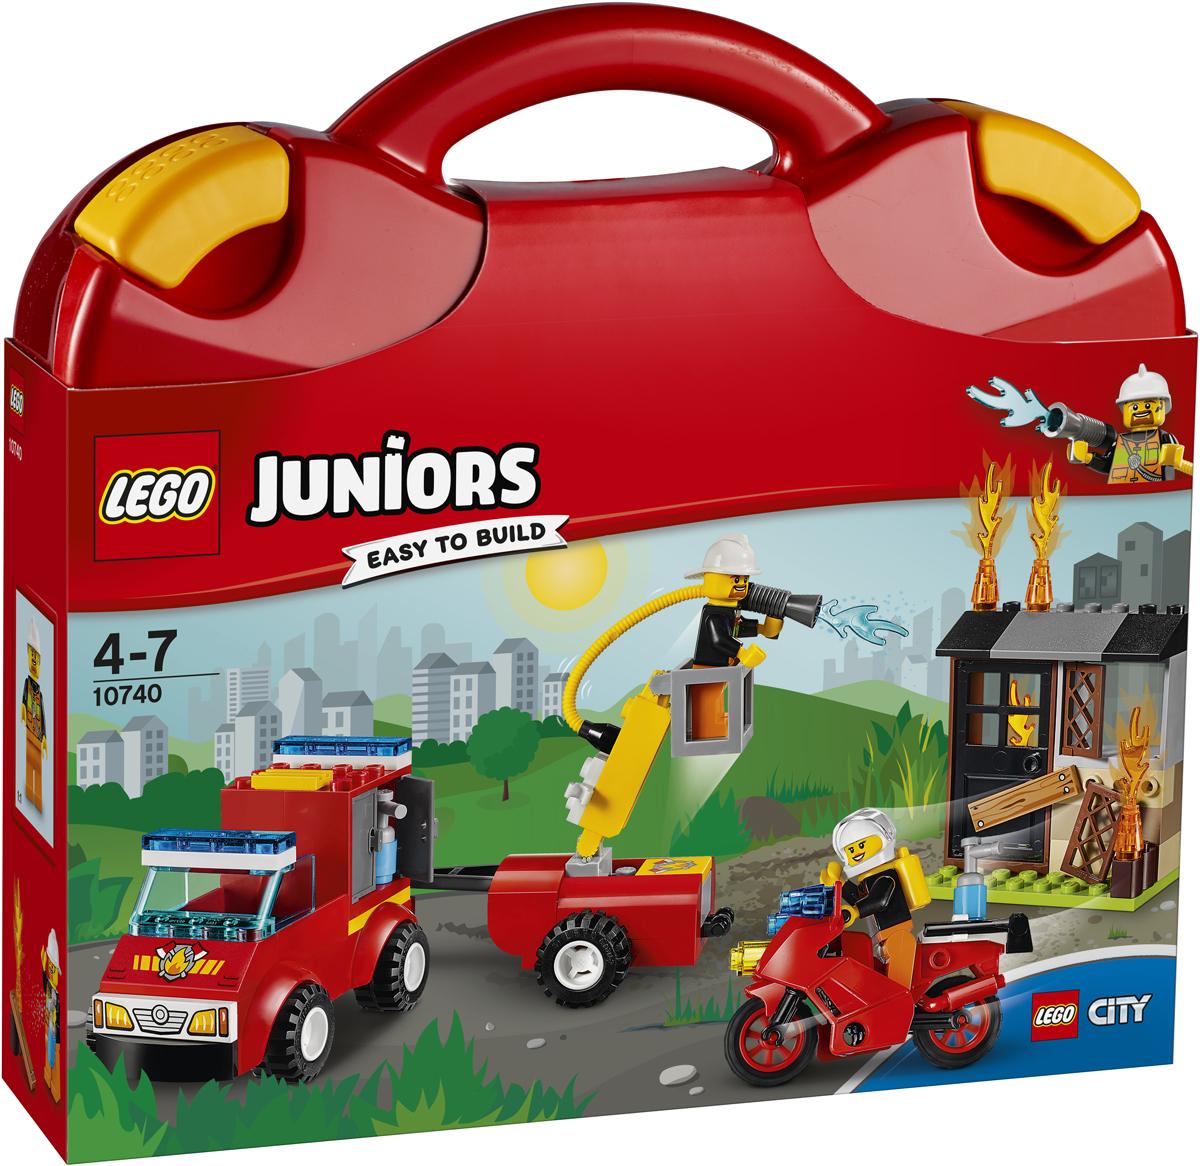 LEGO Juniors Конструктор Чемоданчик Пожарная команда 10740 конструктор lego juniors ветеринарная клиника мии 10728